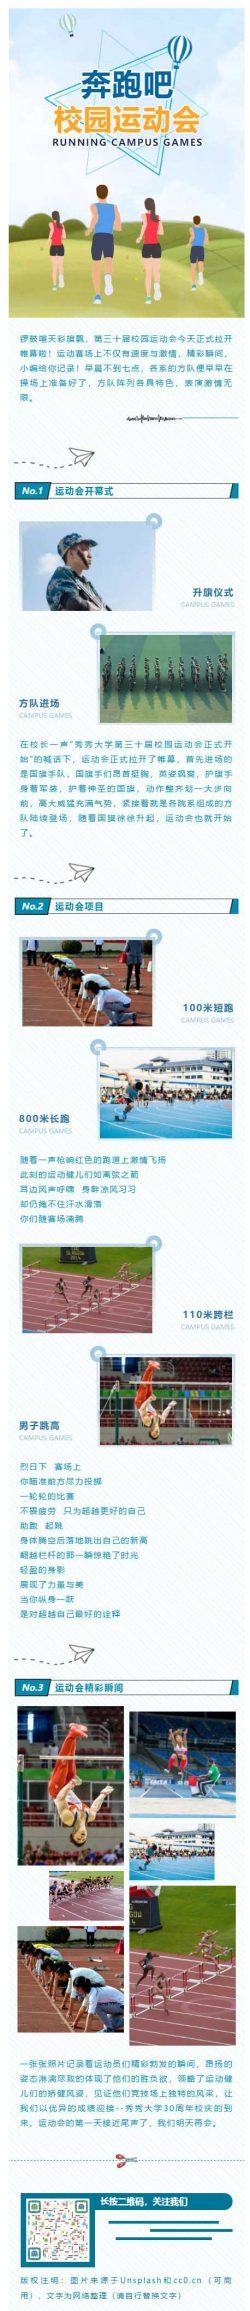 校园运动会学校教育体育微信推文模板推送文章素材